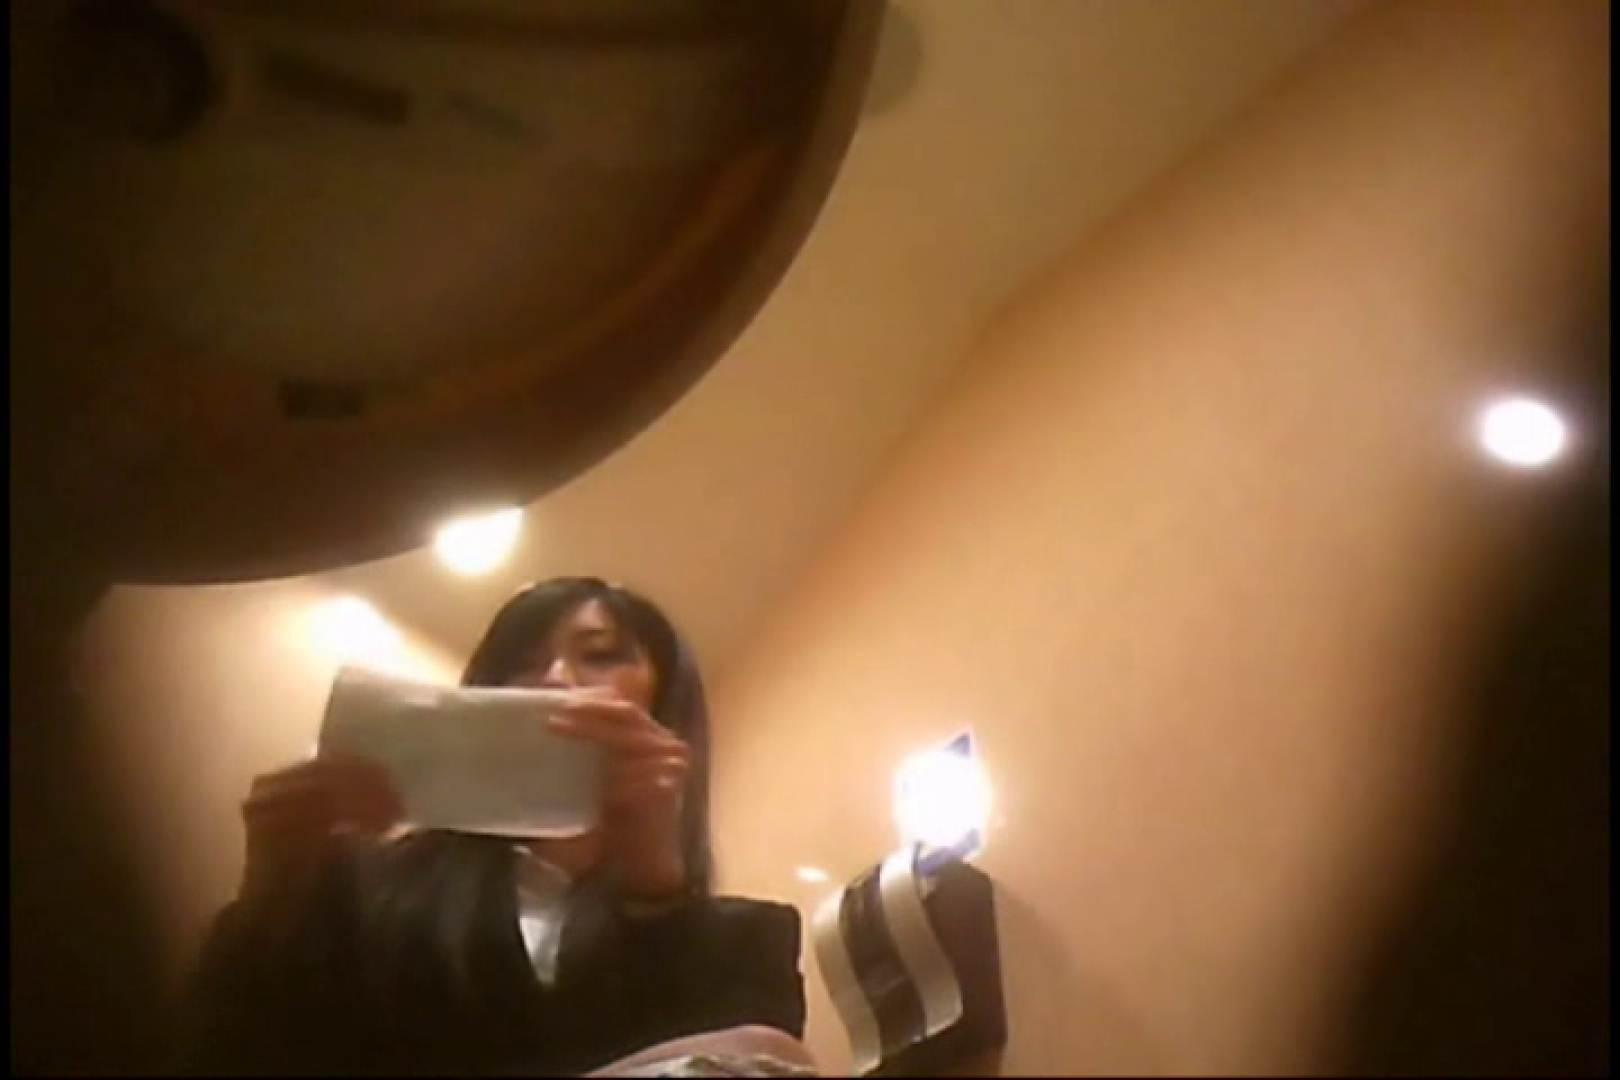 潜入!!女子化粧室盗撮~絶対見られたくない時間~vo,95 熟女のエロ動画 セックス画像 75PIX 31